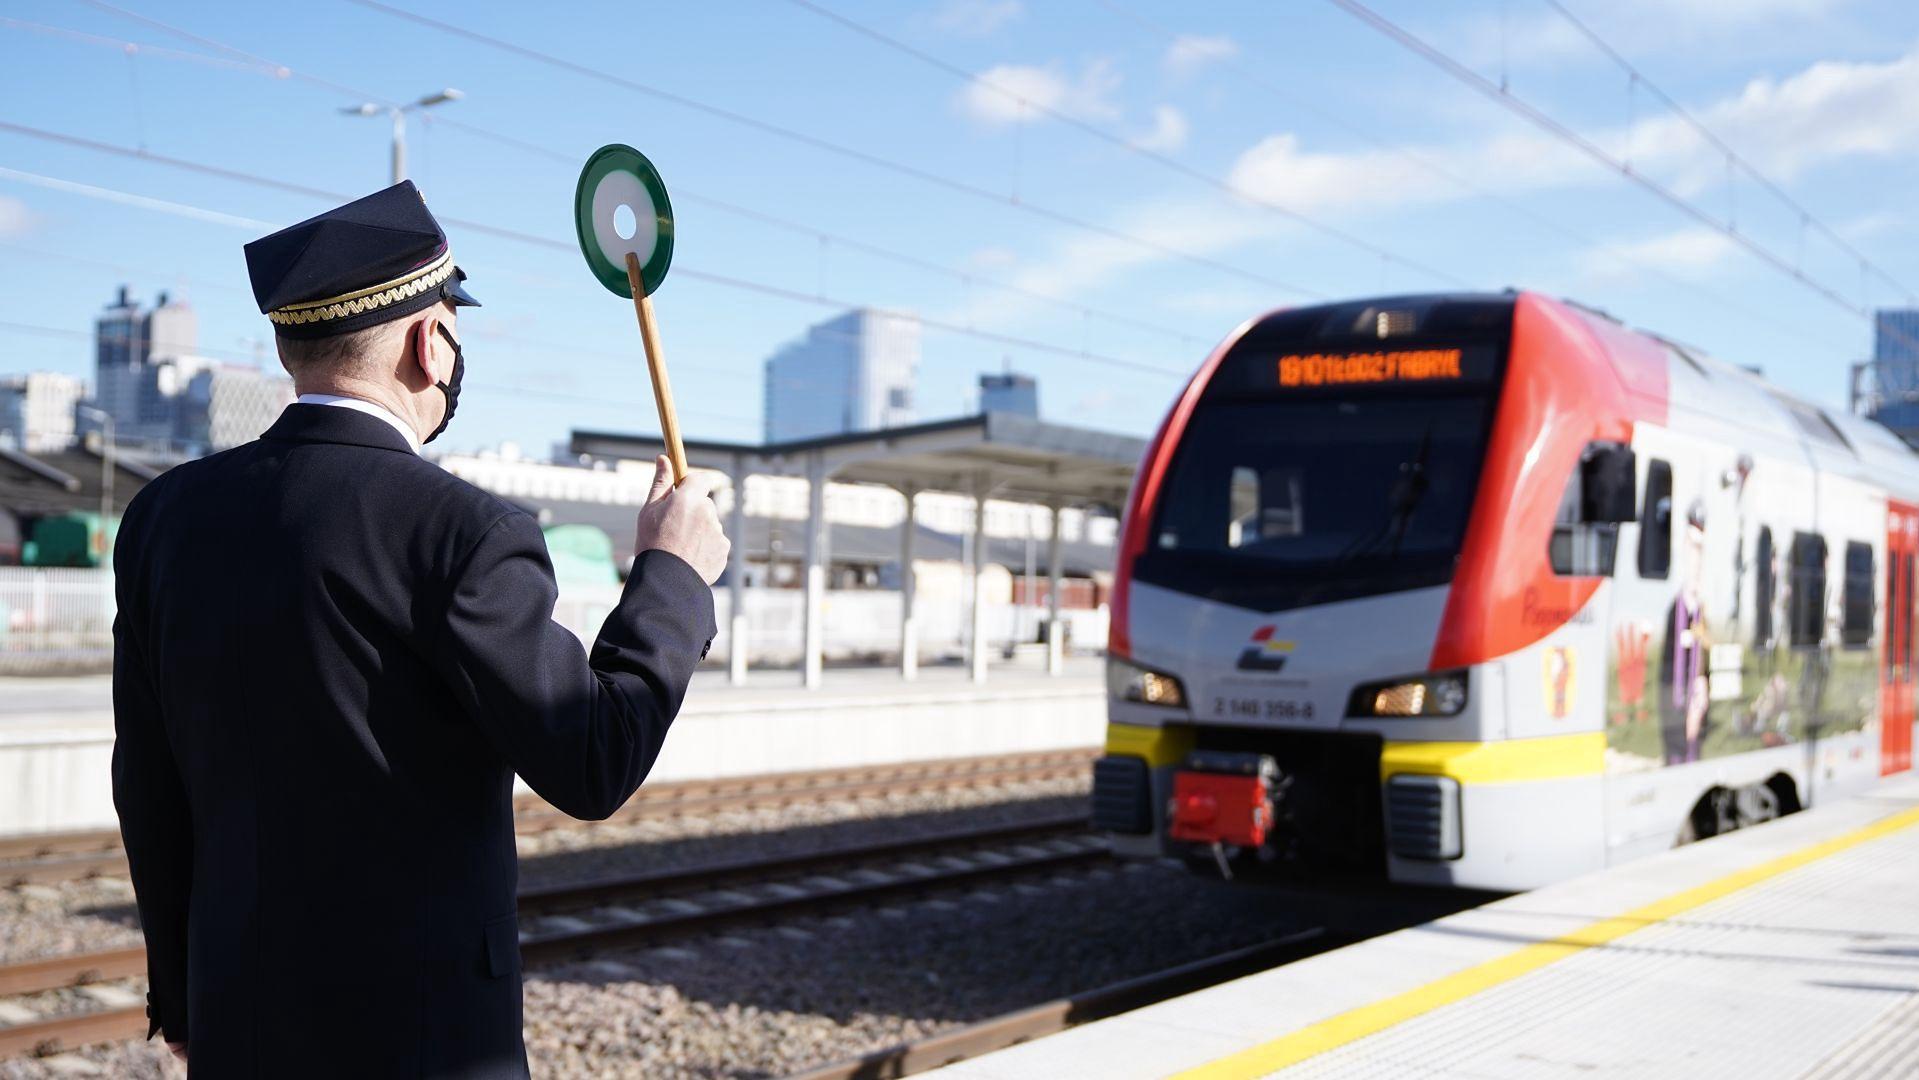 Otwarcie stacji kolejowej Warszawa Główna. Marzec 2021 roku